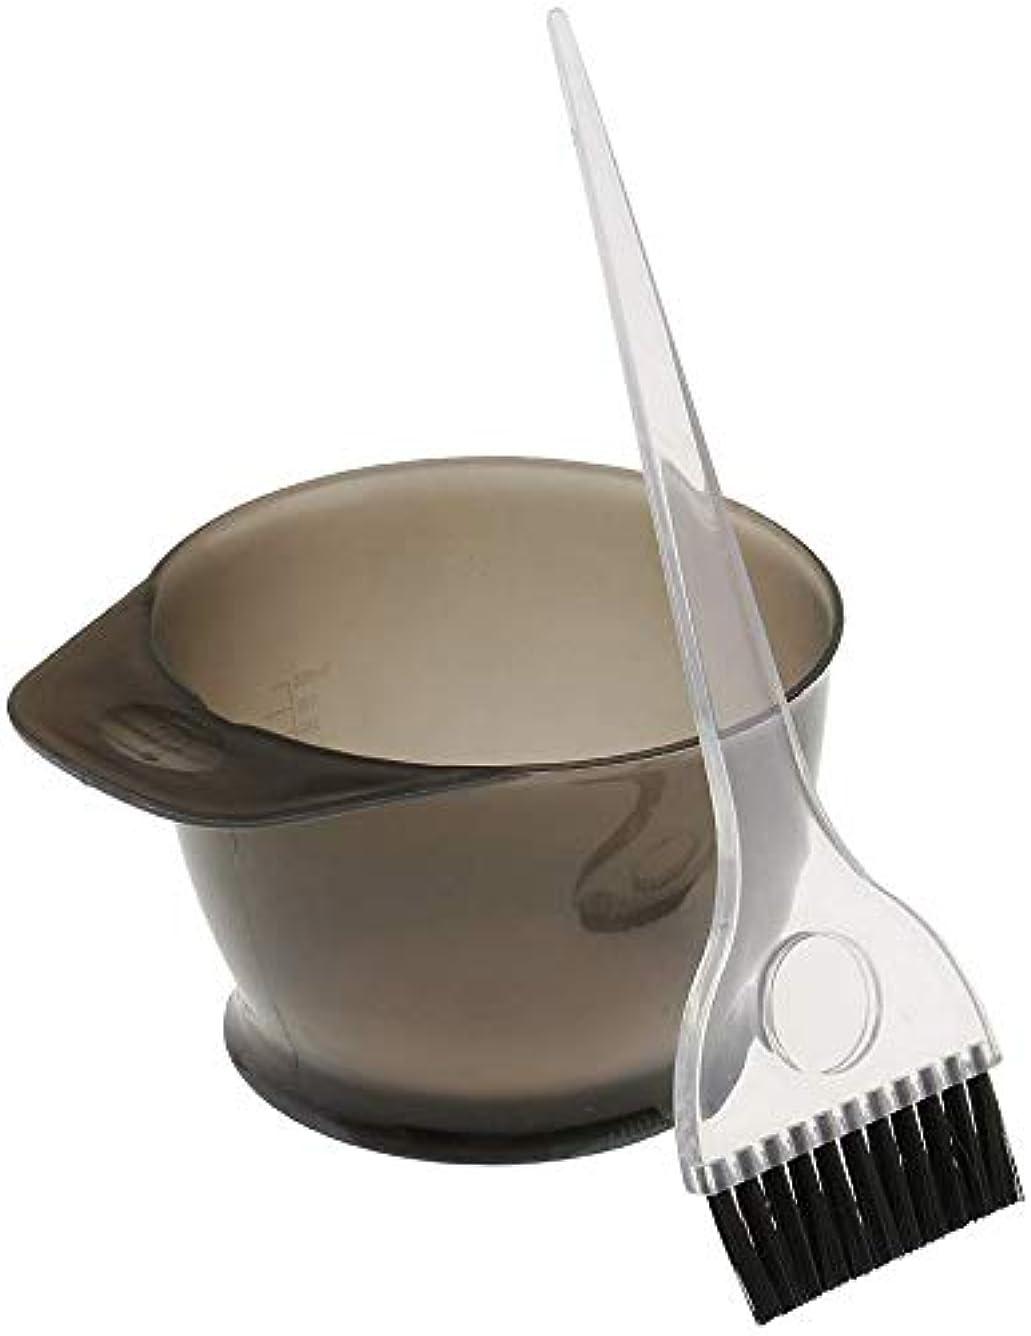 昨日パス浴室ヘアカラーリング 染色ボウル くしブラシ 色合いツール セットする に適う サロン理髪 ホーム 個人的な使用 (グレー)